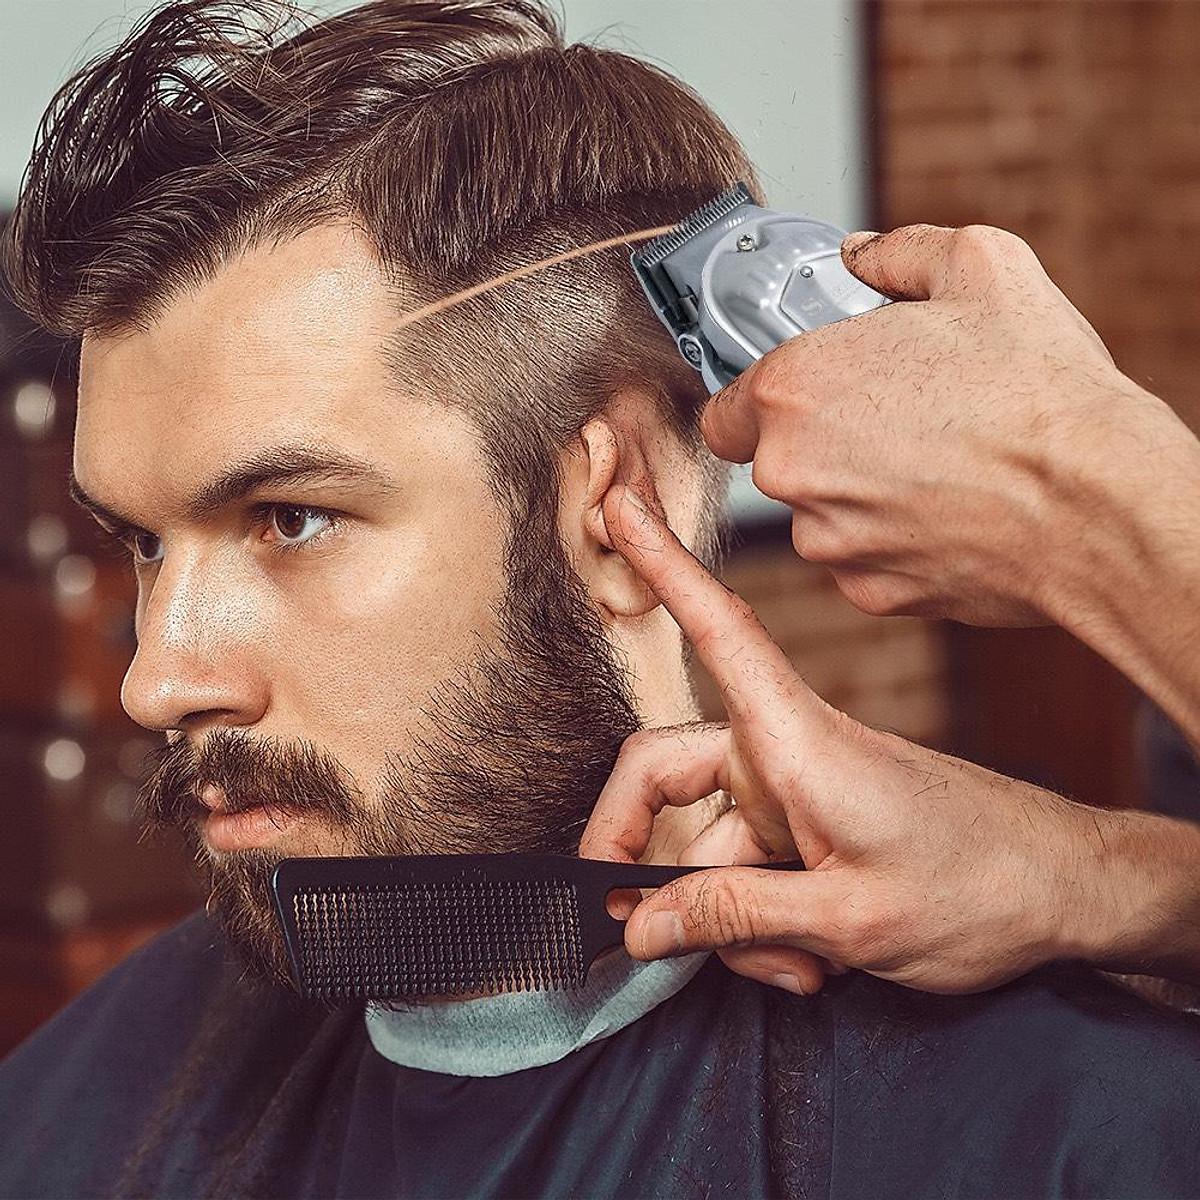 tông đơ cắt tóc chuyên ngiệp vỏ thép nguyên khối SURKER K9S pin lithium  2500mAh tặng cữ 1,5 và 4,5mm